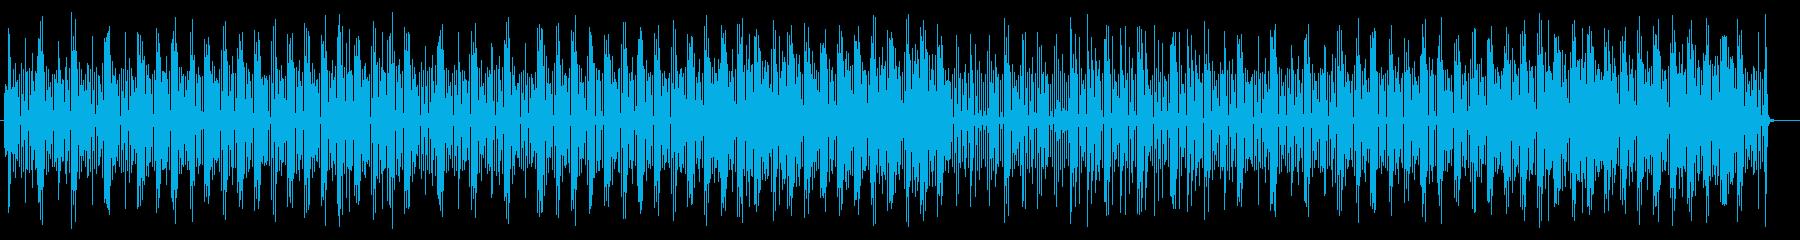 さわやかなシンセサイザーのポップスの再生済みの波形